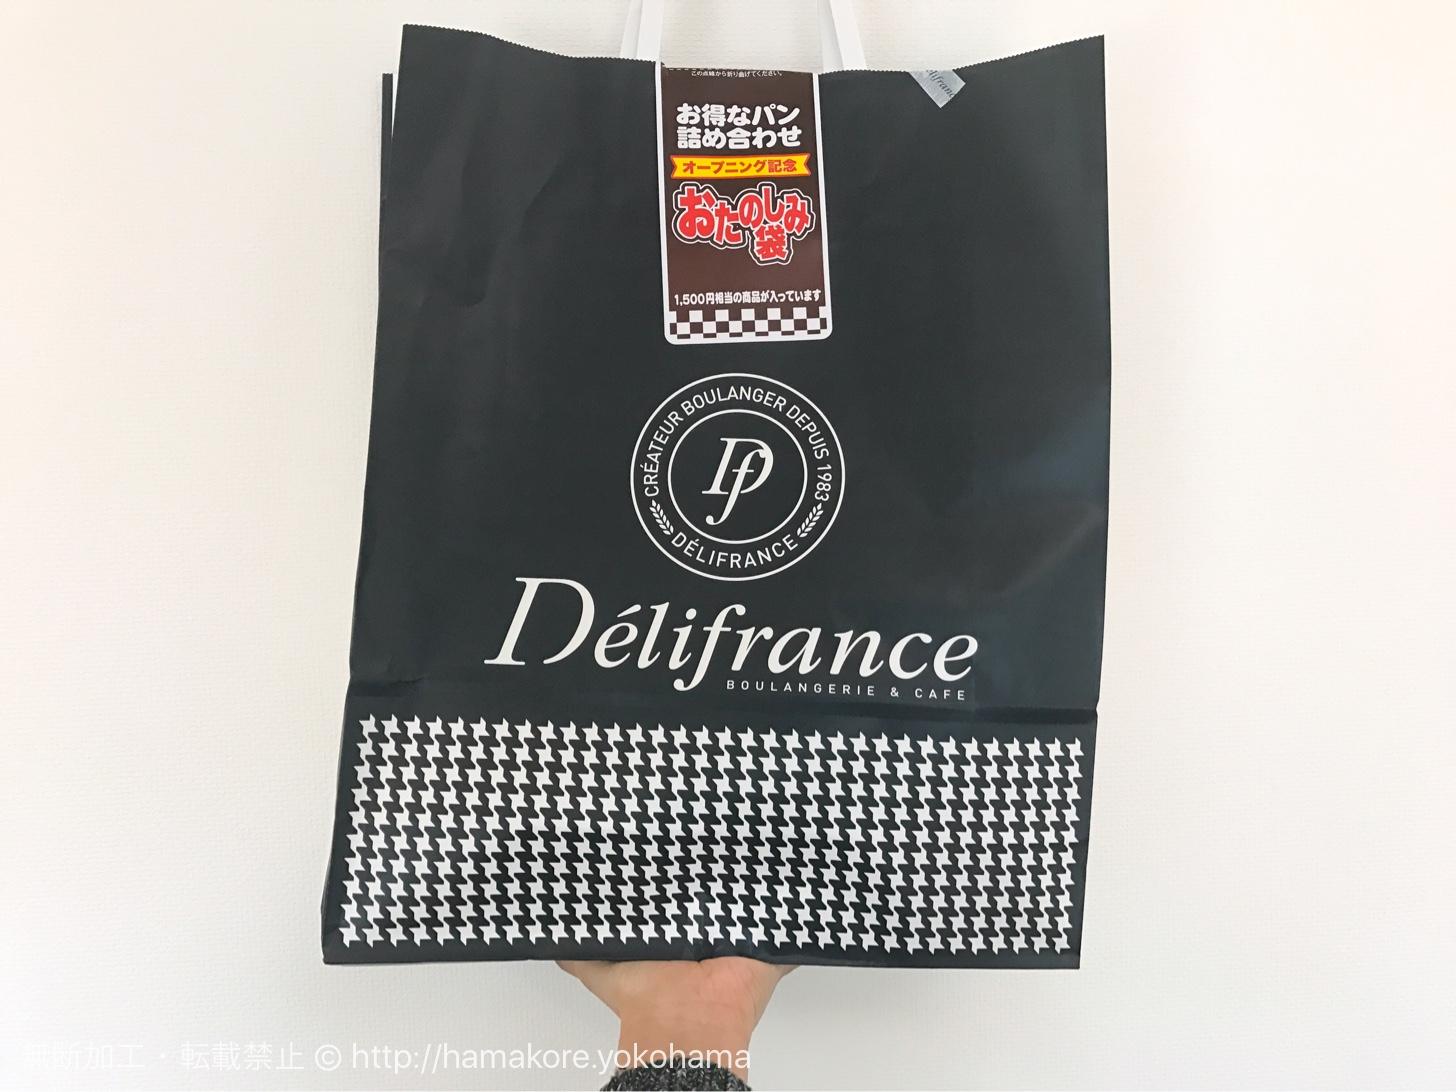 デリフランス お楽しみ袋